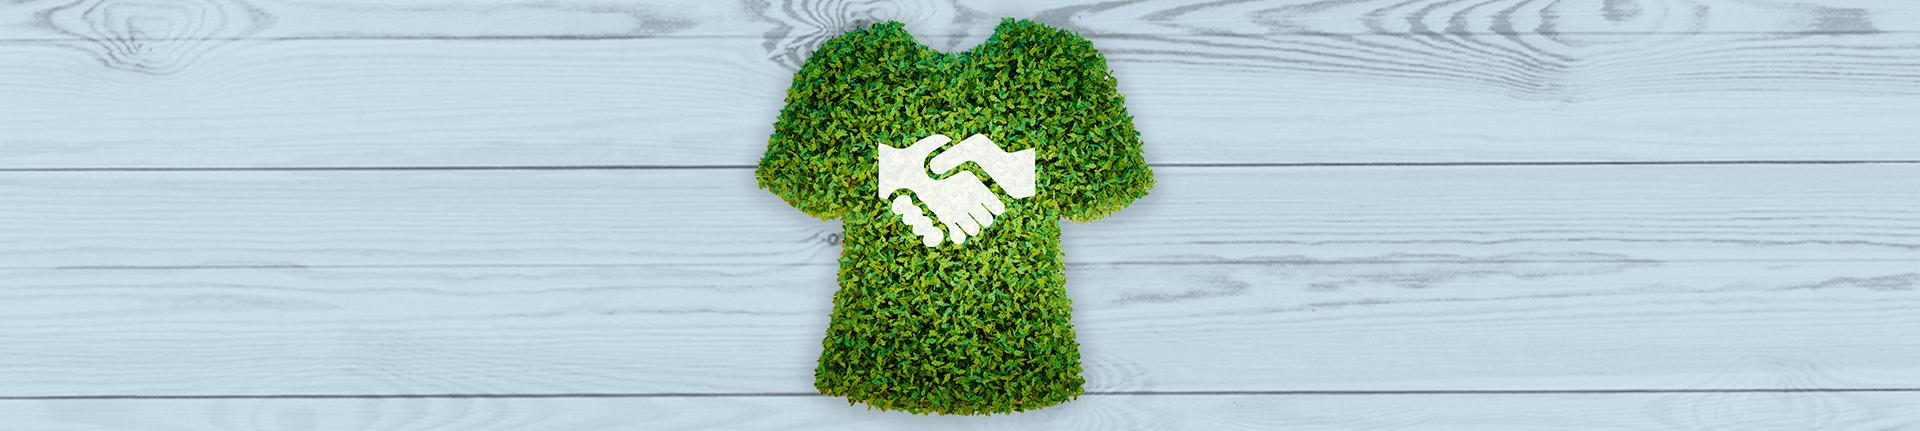 Seja um consumidor eco-friendly